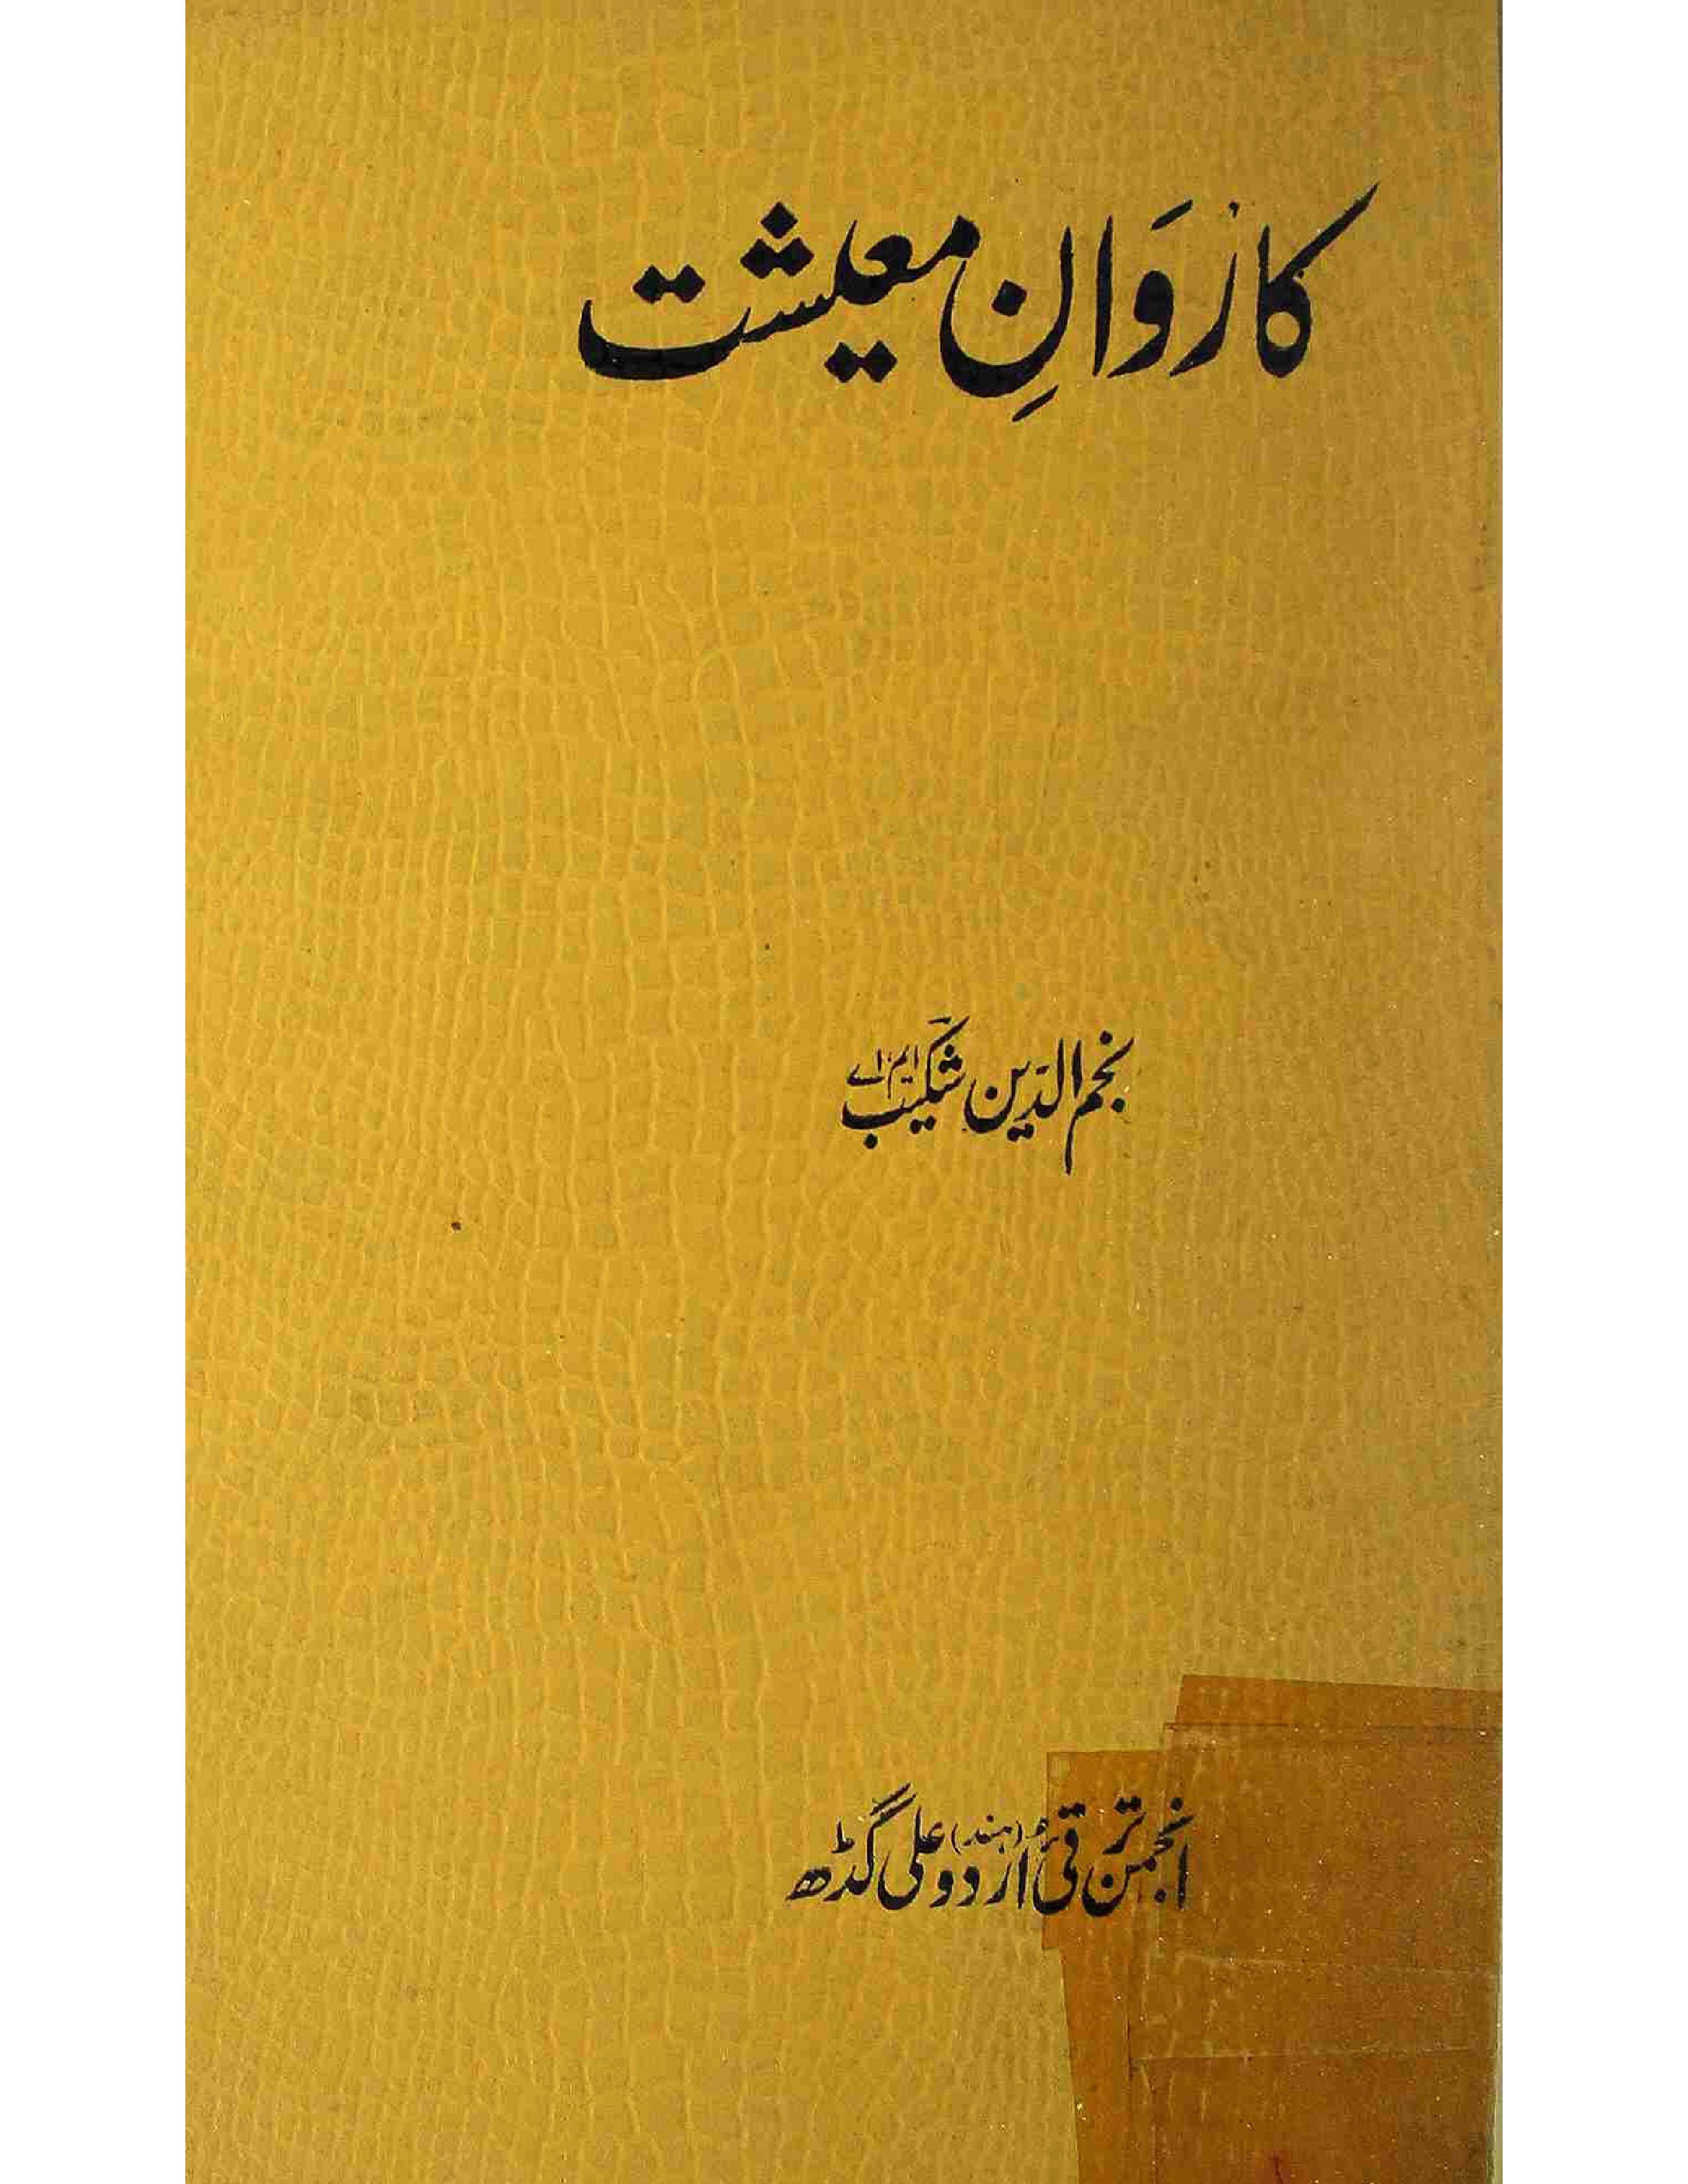 Karawan-e-Maeeshat